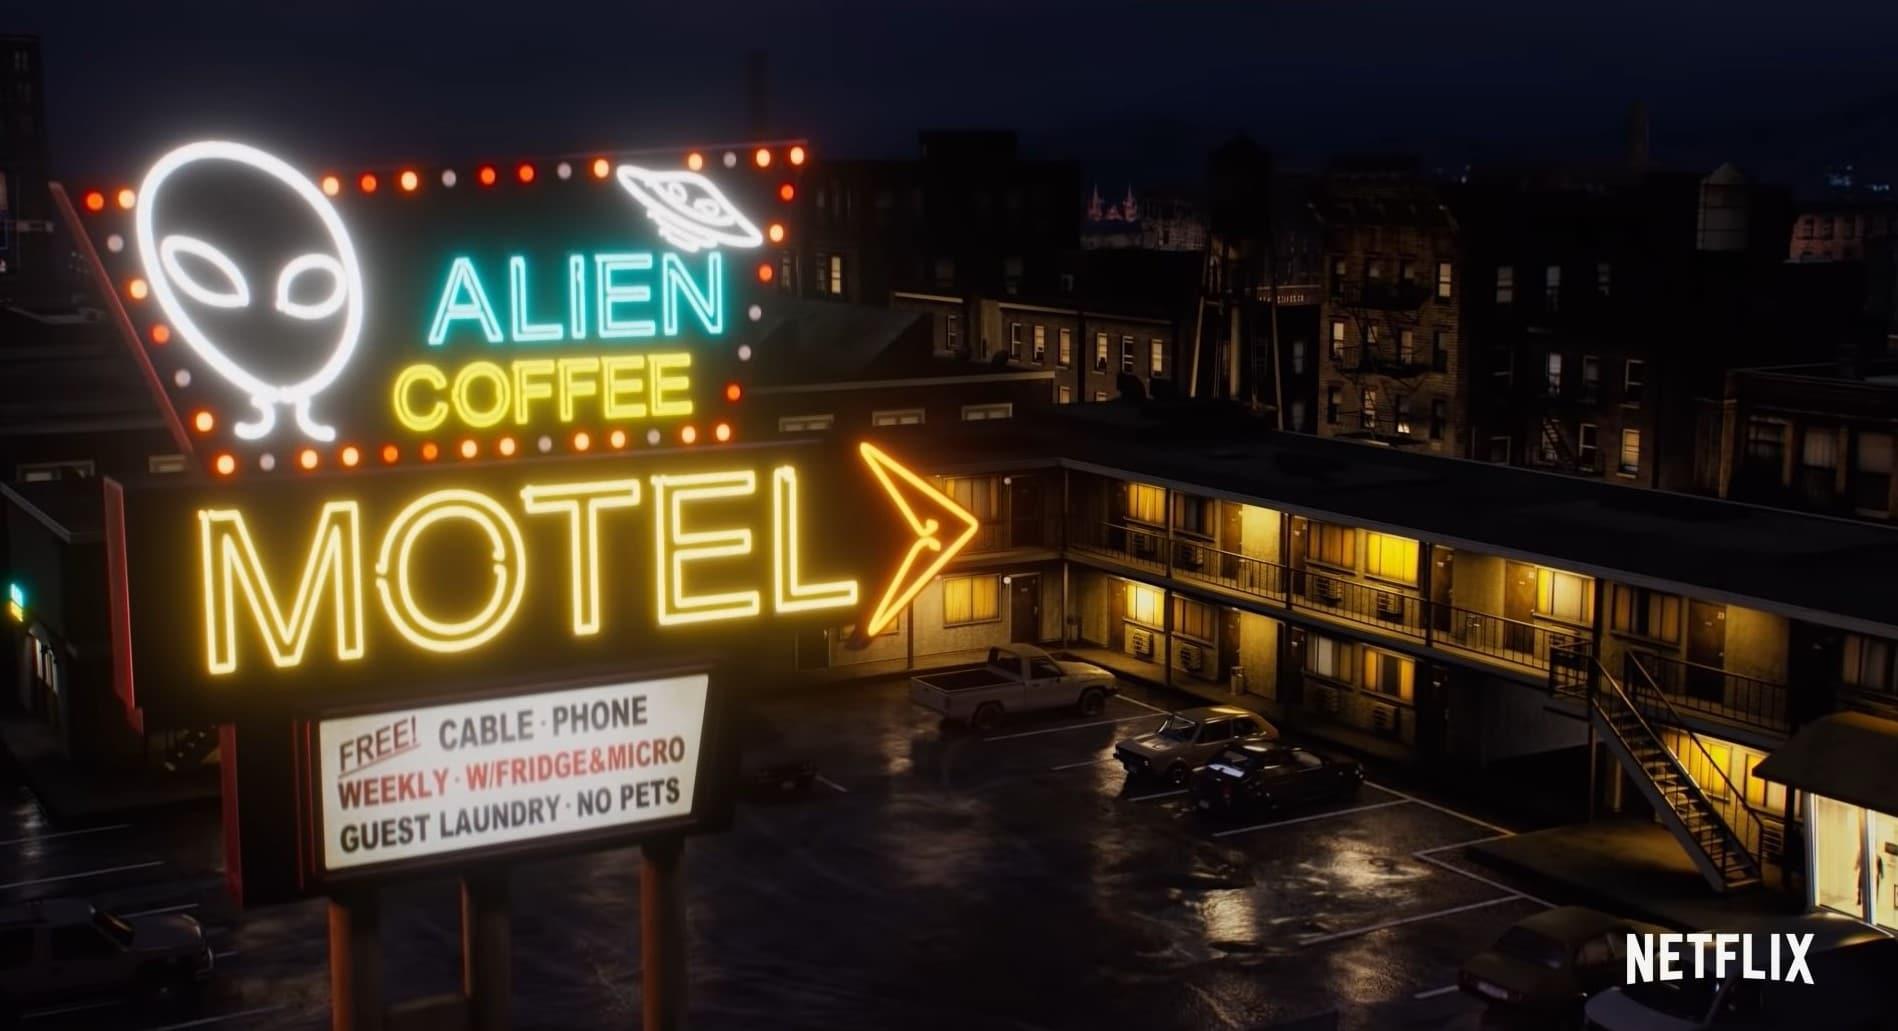 Het Alien Coffee Motel, een locatie in de nieuwe Netflix serie Resident Evil: Infinite Darkness